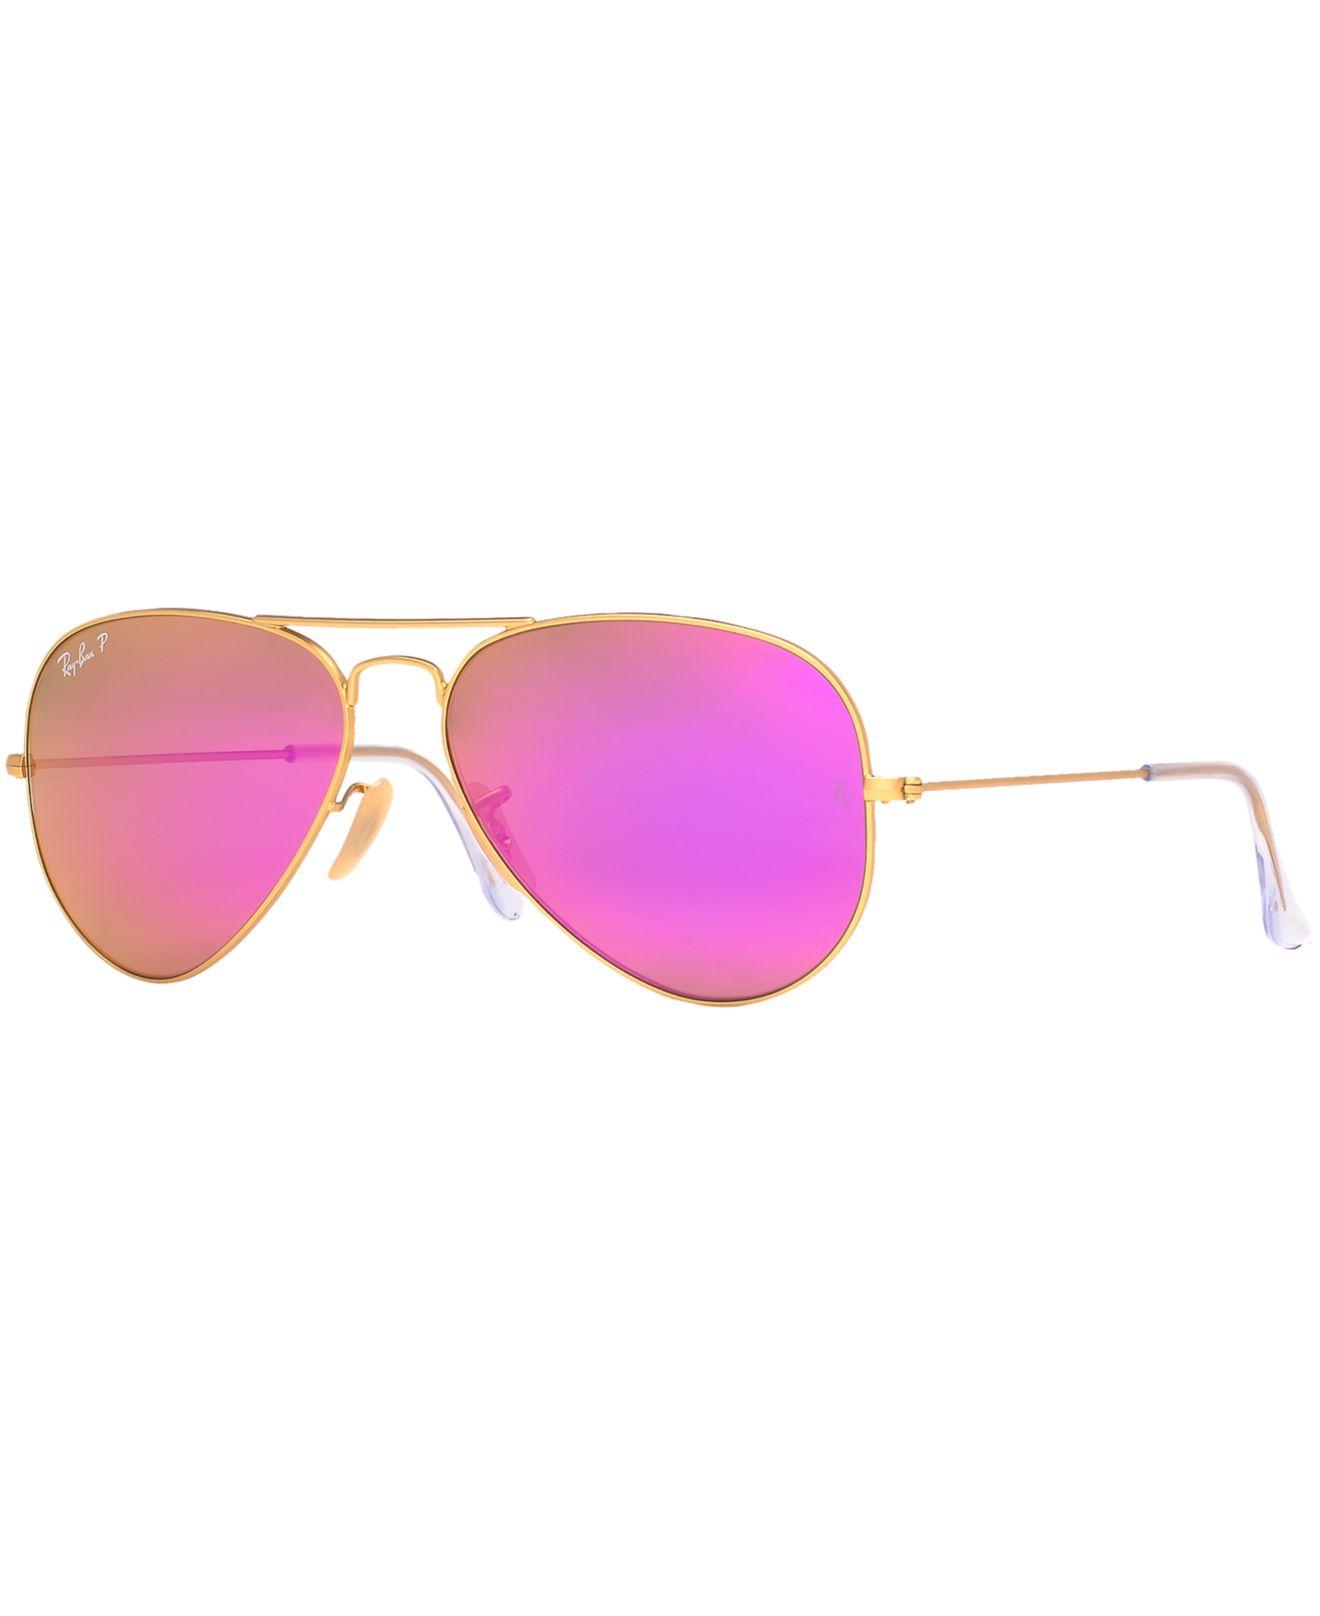 pink ray ban aviators 2017